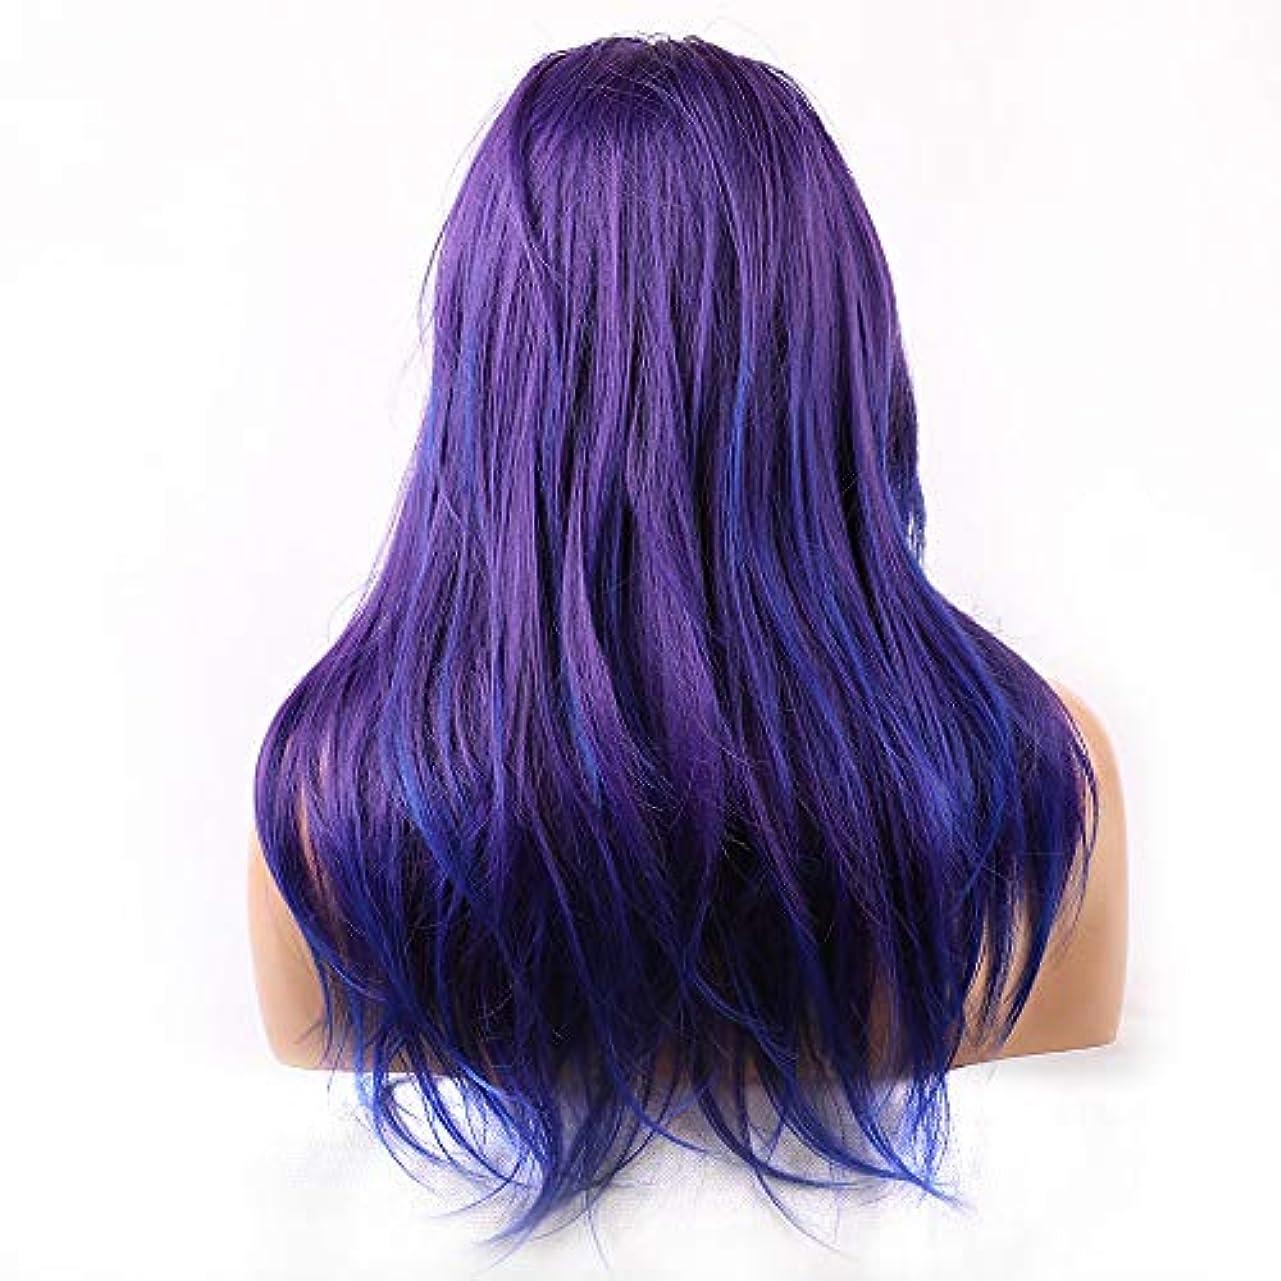 衛星病者広告主レースCOSの小道具の前に女性の青い長い巻き毛のかつらをかつら